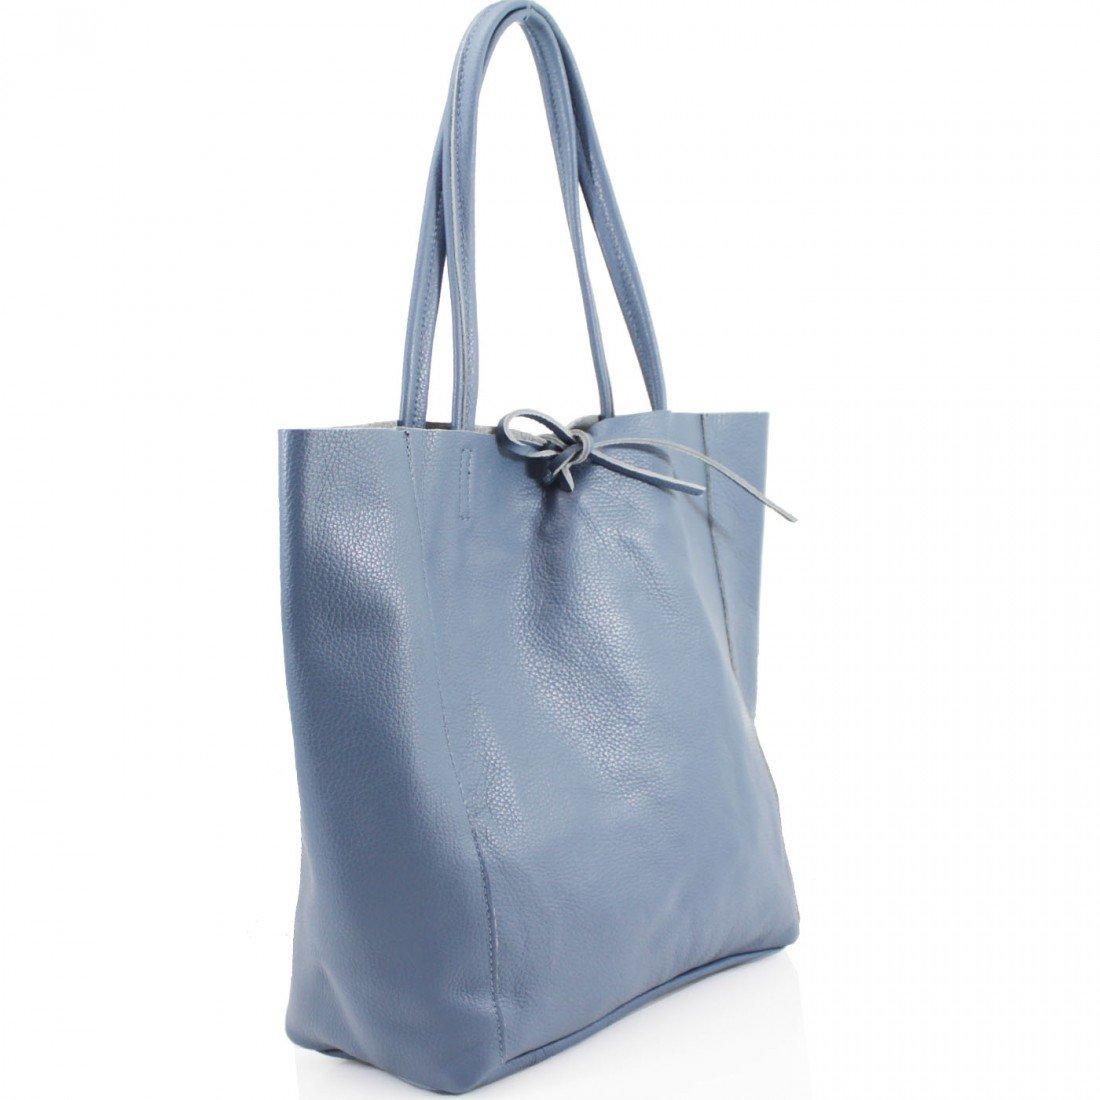 327c3af86a81 Ladies Soft Italian Real Leather Shopper Tote Bag Women Girls Shoulder Bag